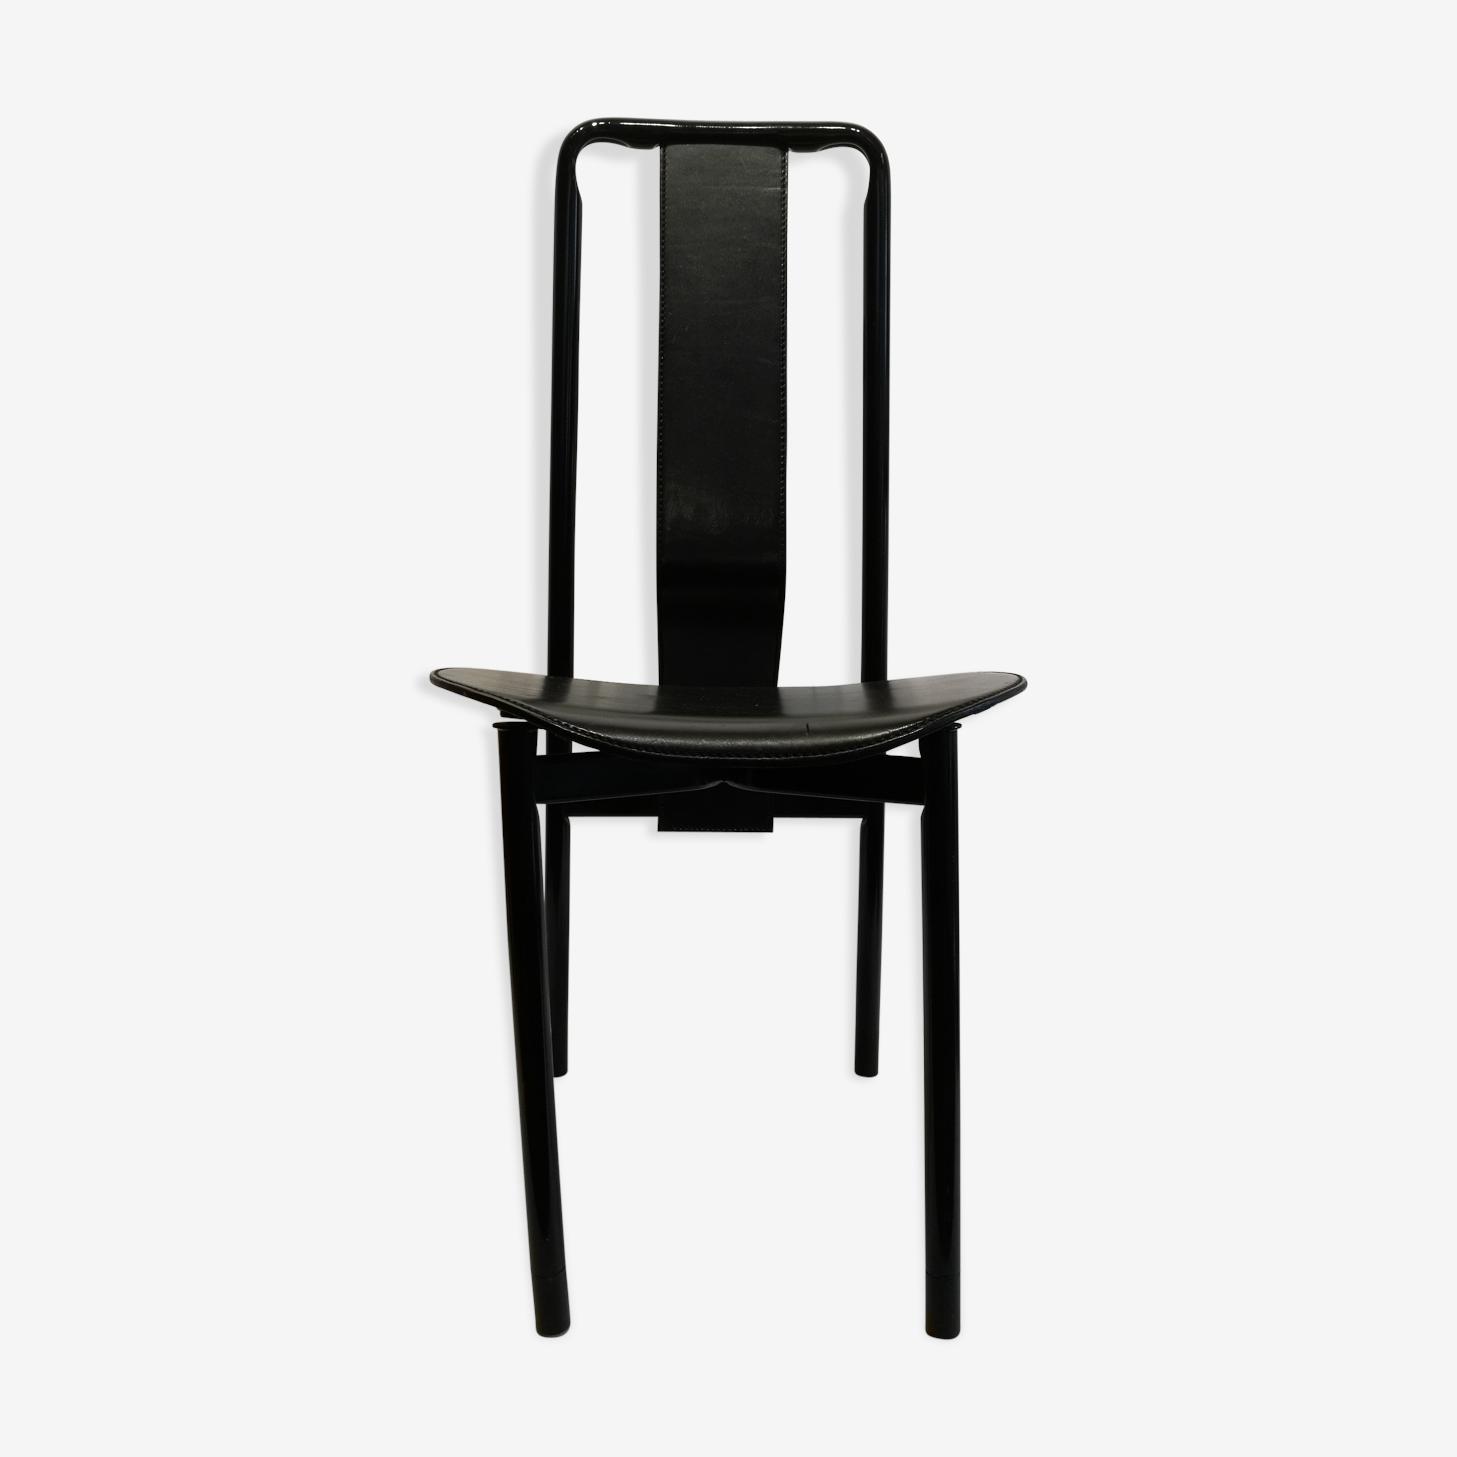 Irma chair by Achille Castiglioni 1979